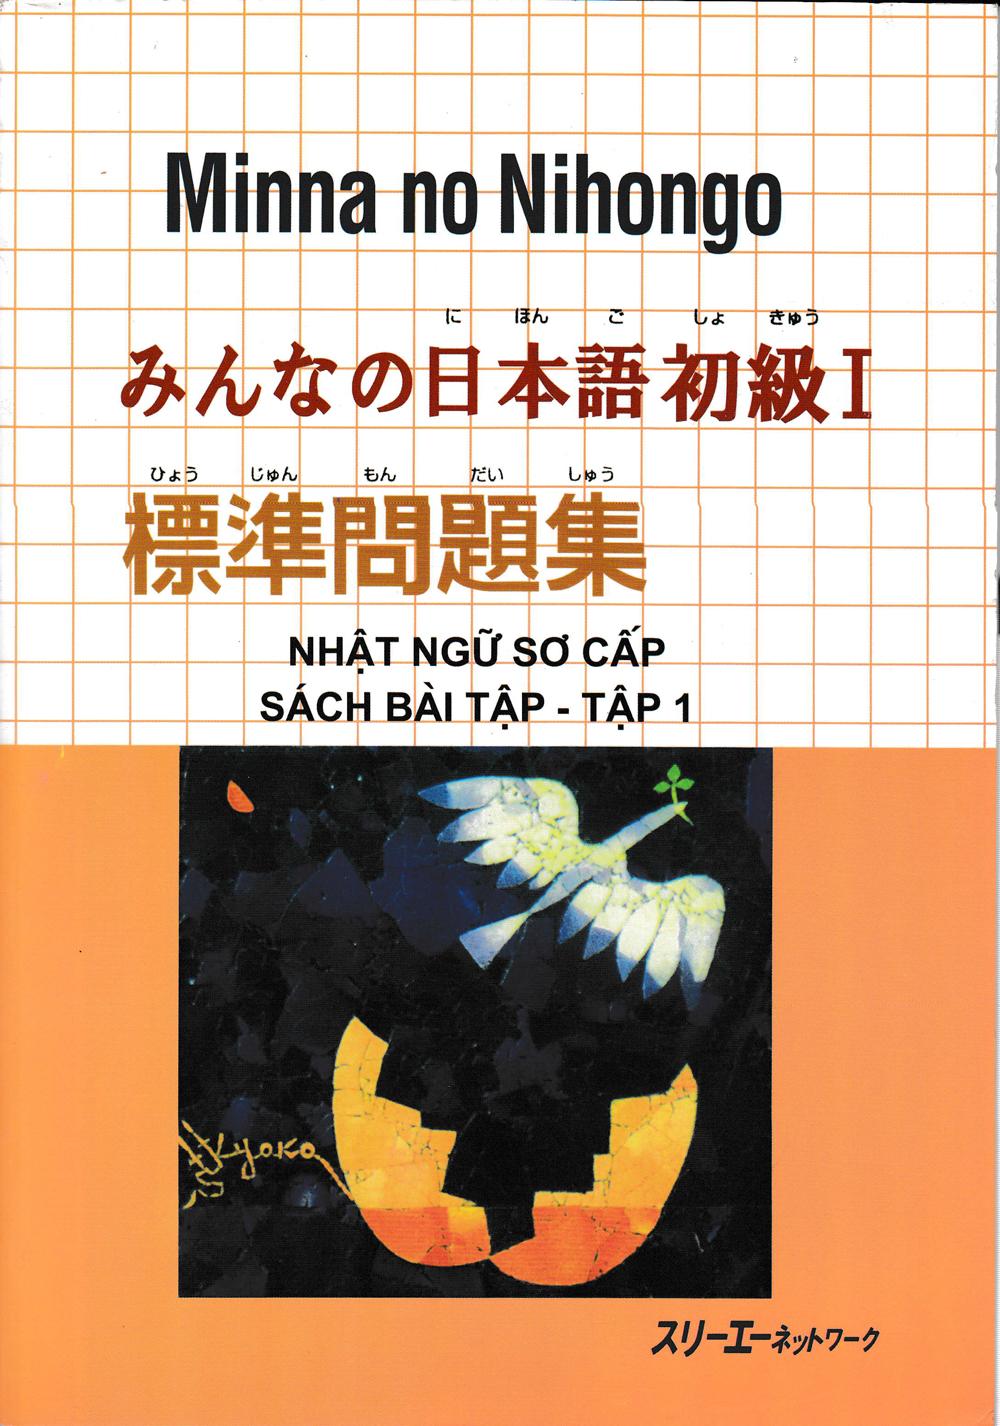 Nhật Ngữ Sơ Cấp - Sách Bài Tập Tập 1